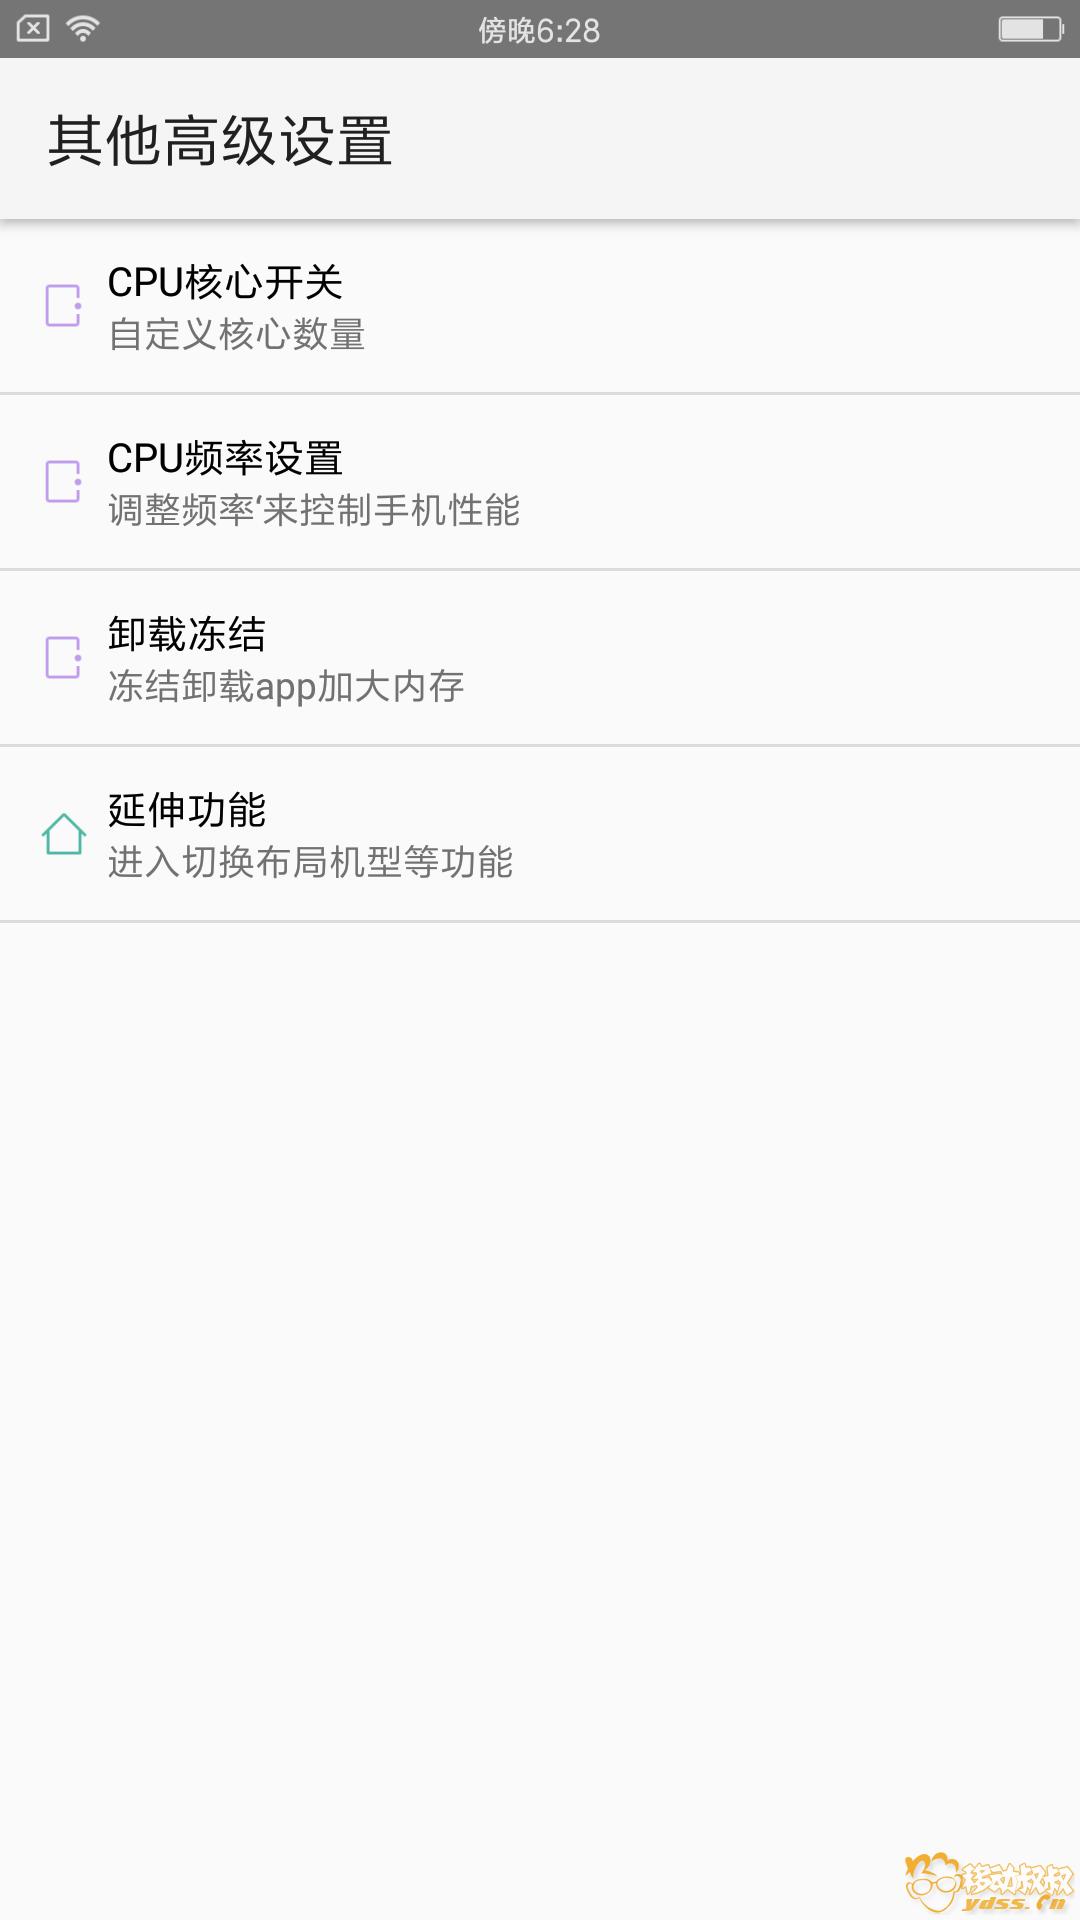 Screenshot_2017-12-30-18-28-57-639_com.makelove.settings.png